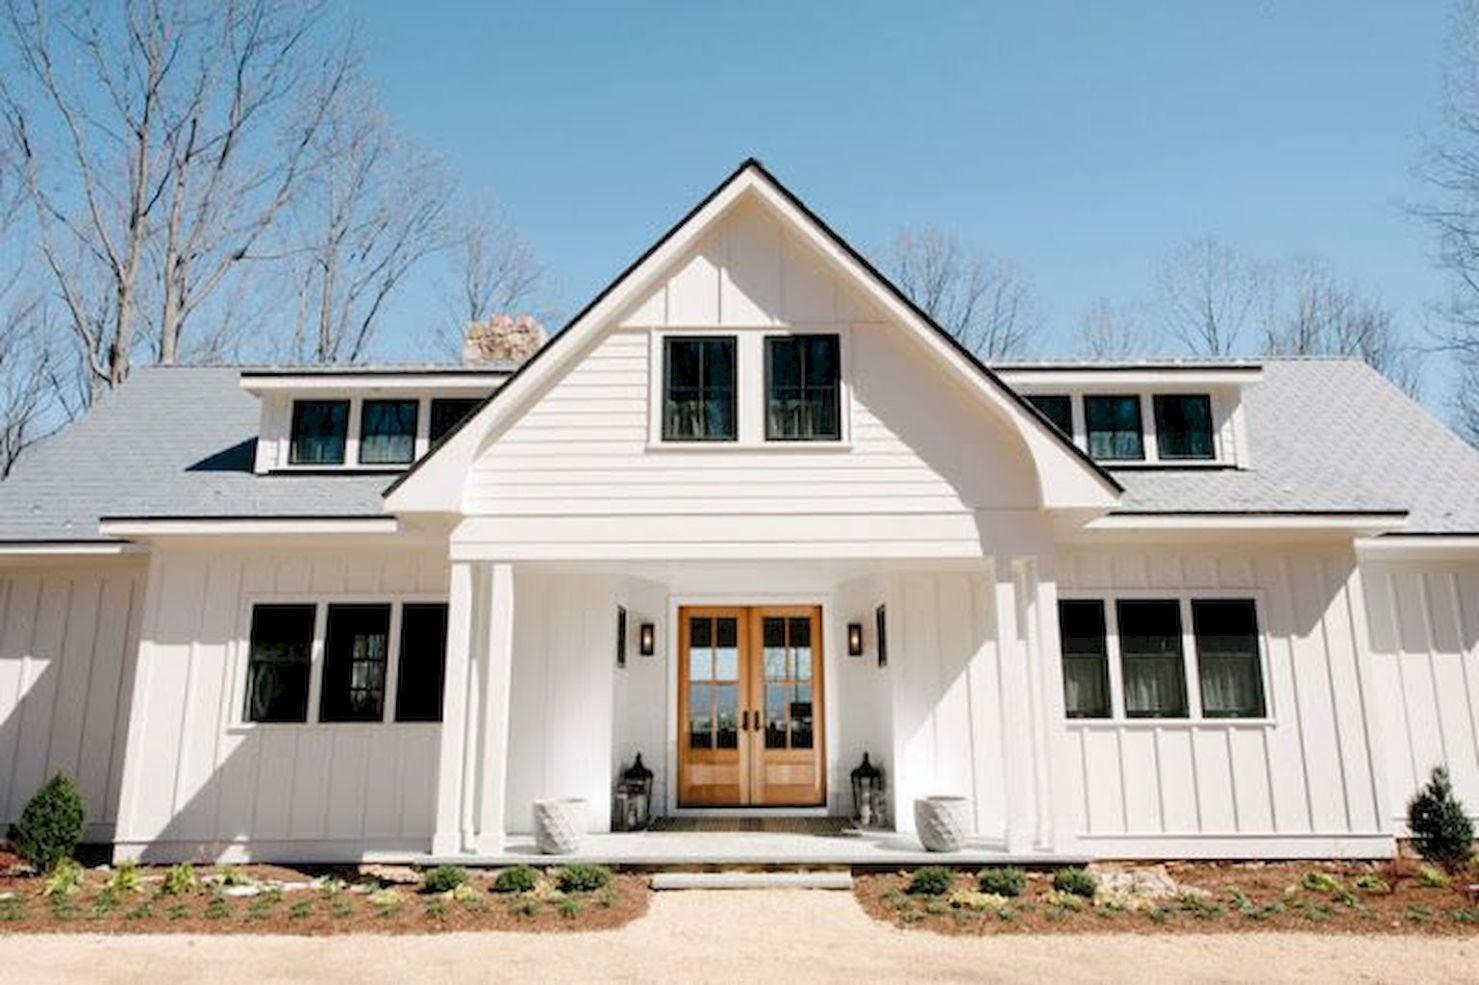 90 Incredible Modern Farmhouse Exterior Design Ideas (38